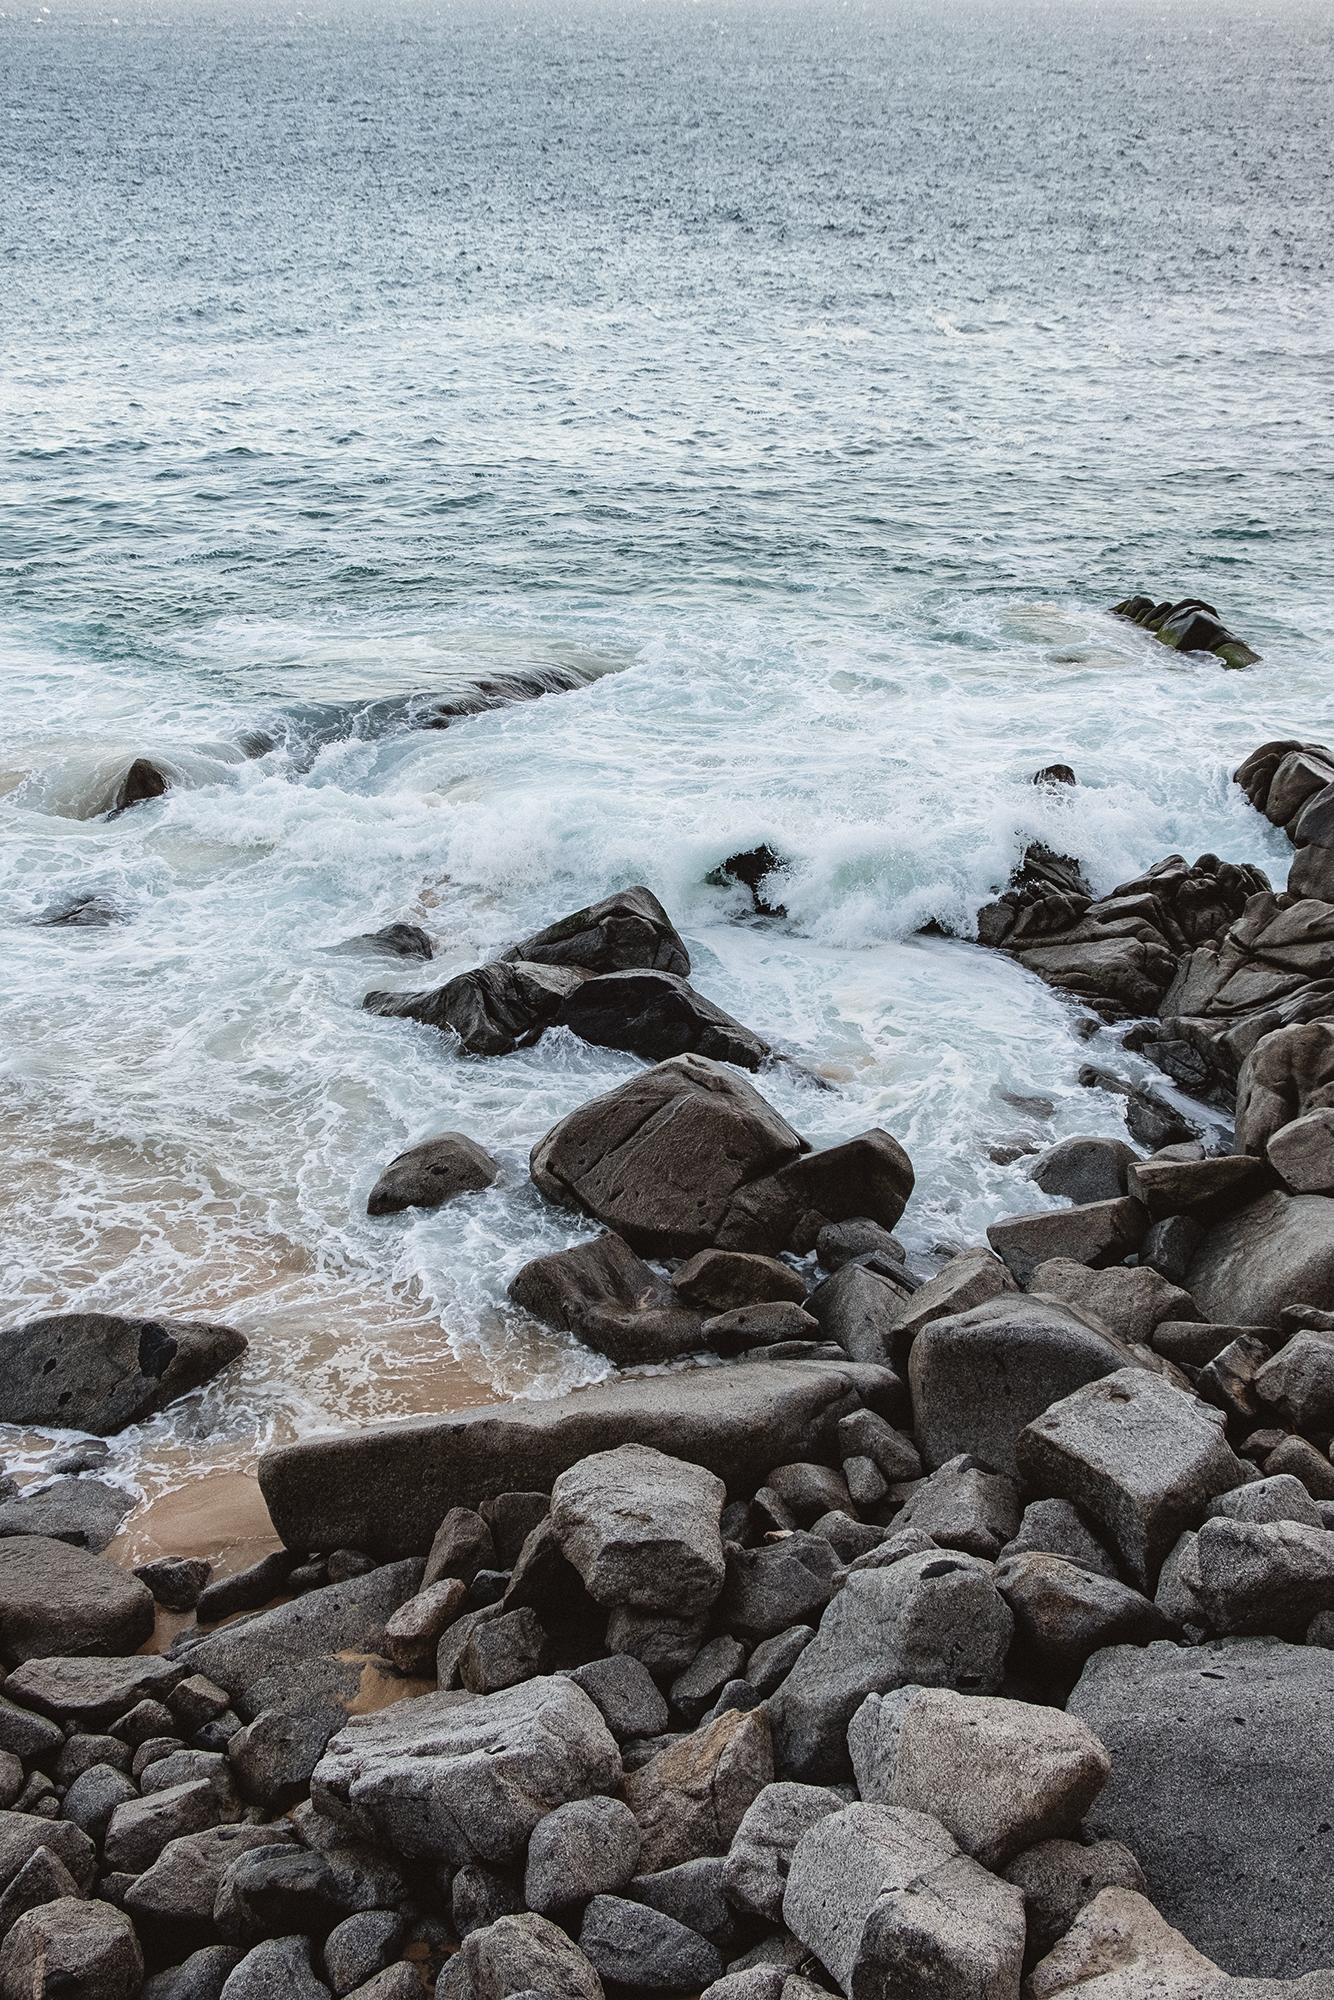 201805_Cabo_DSCF7780.jpg